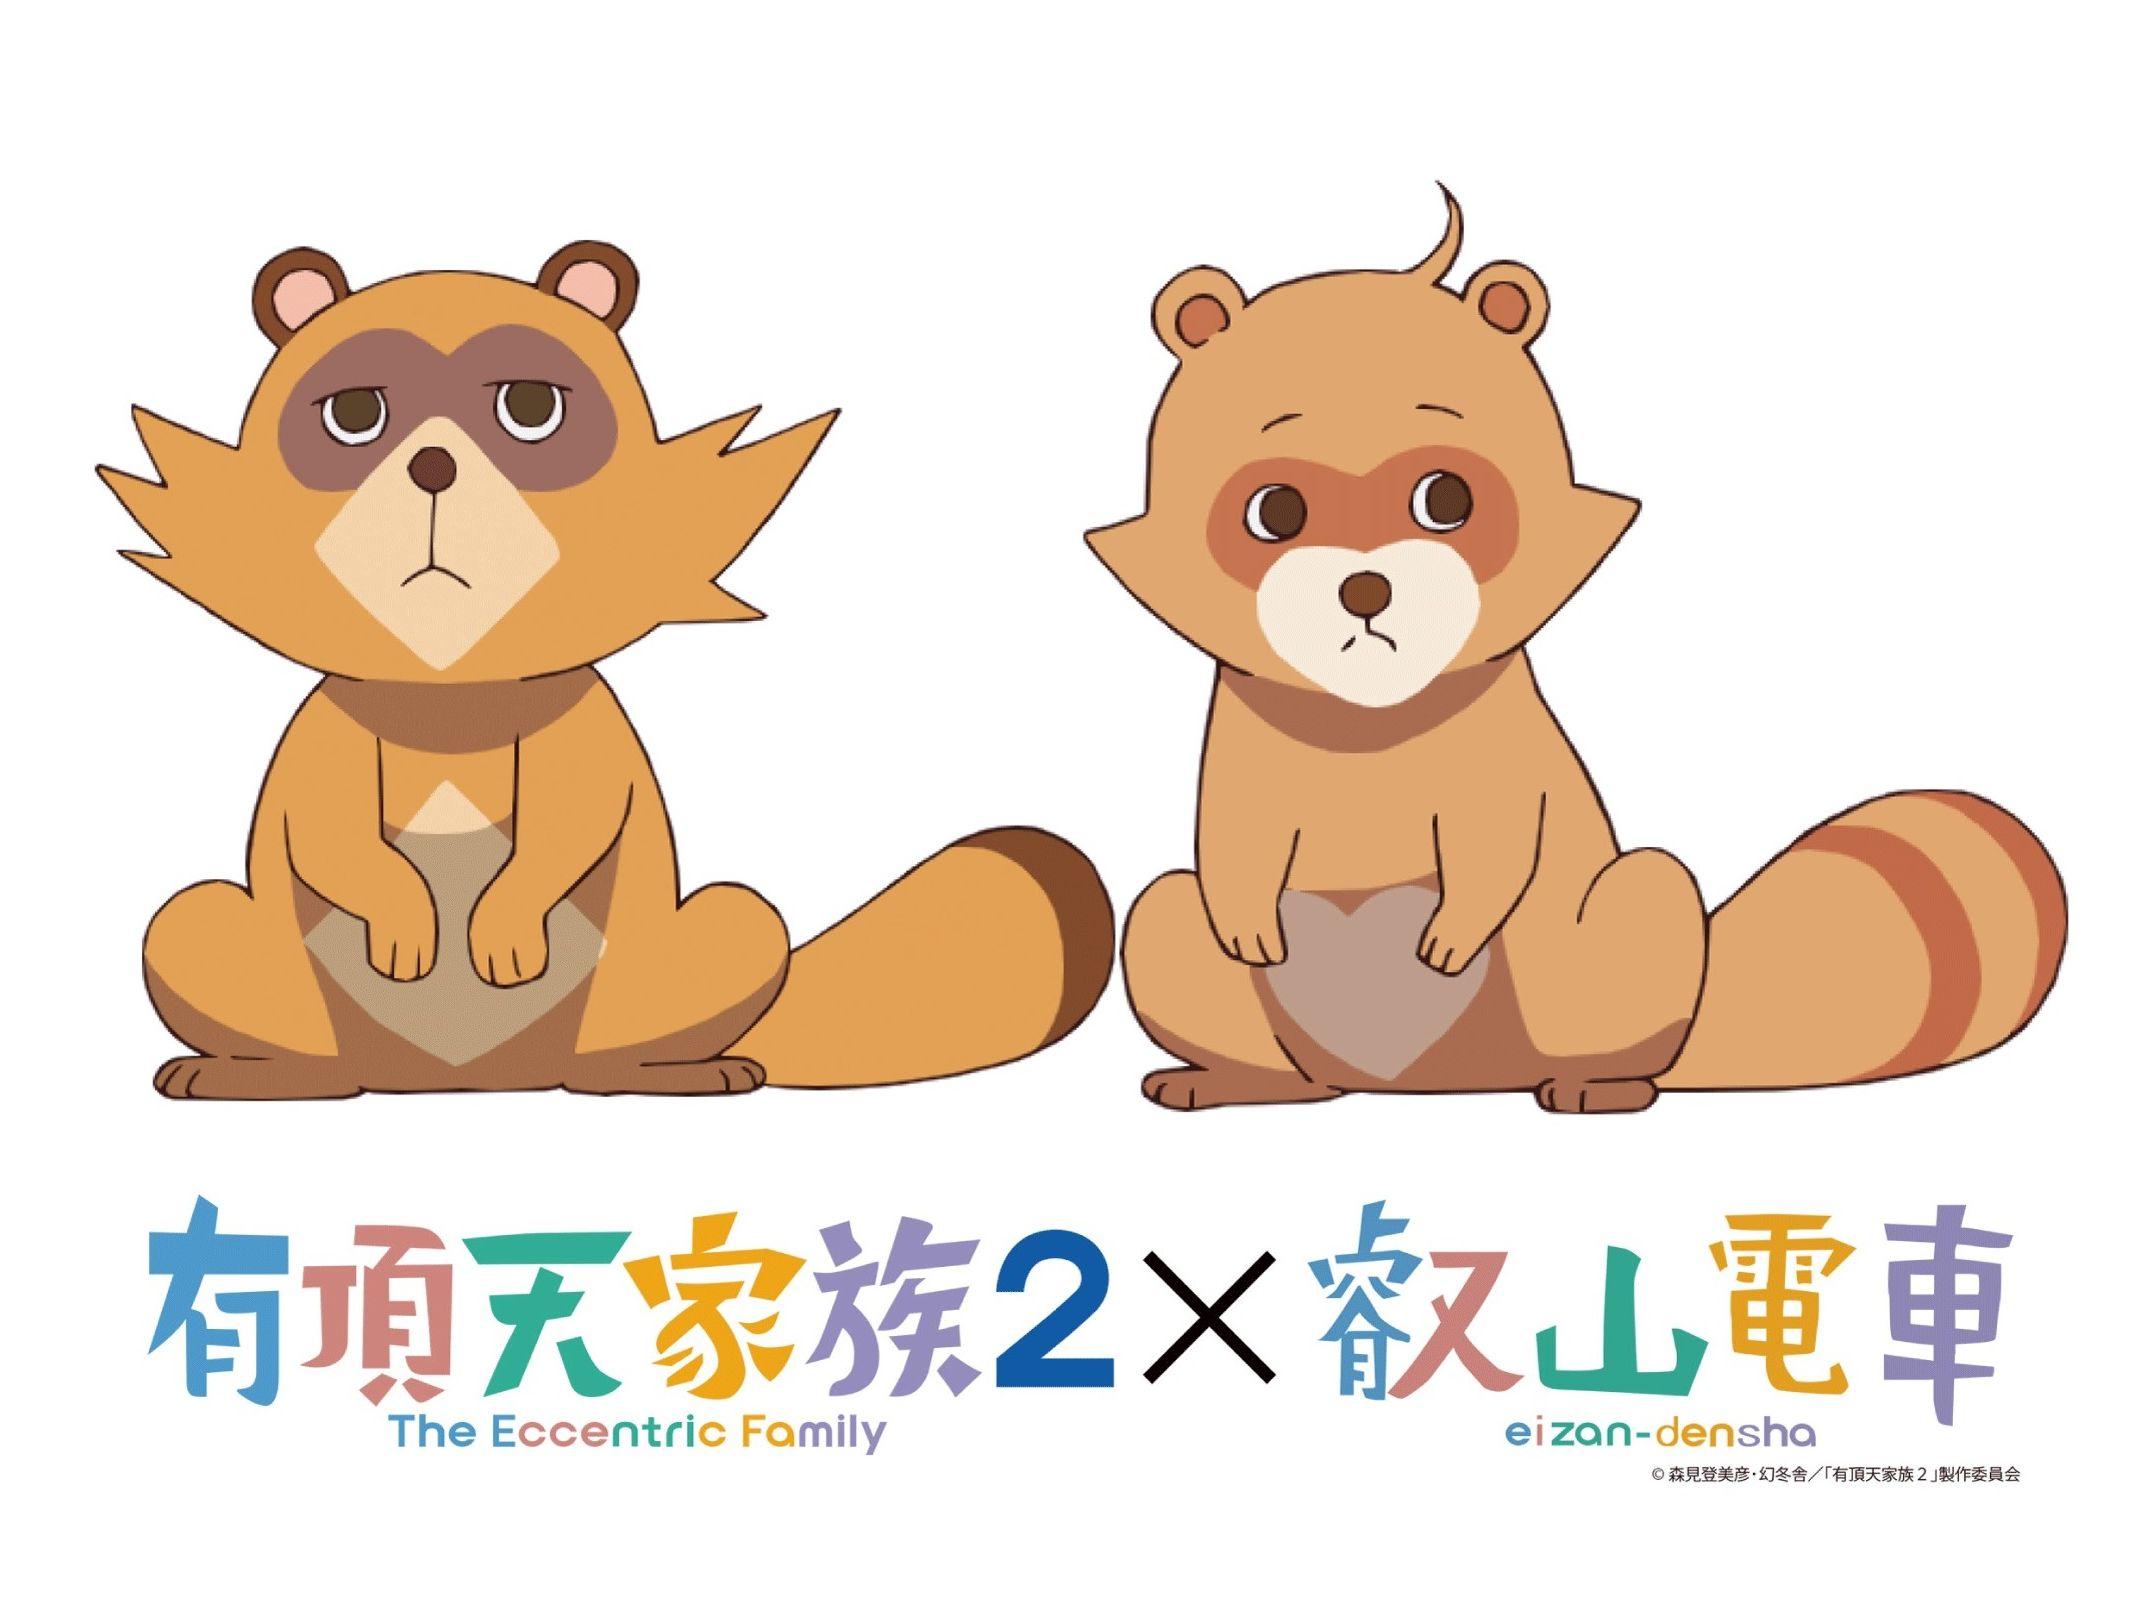 「有頂天家族2×叡山電車」コラボ企画